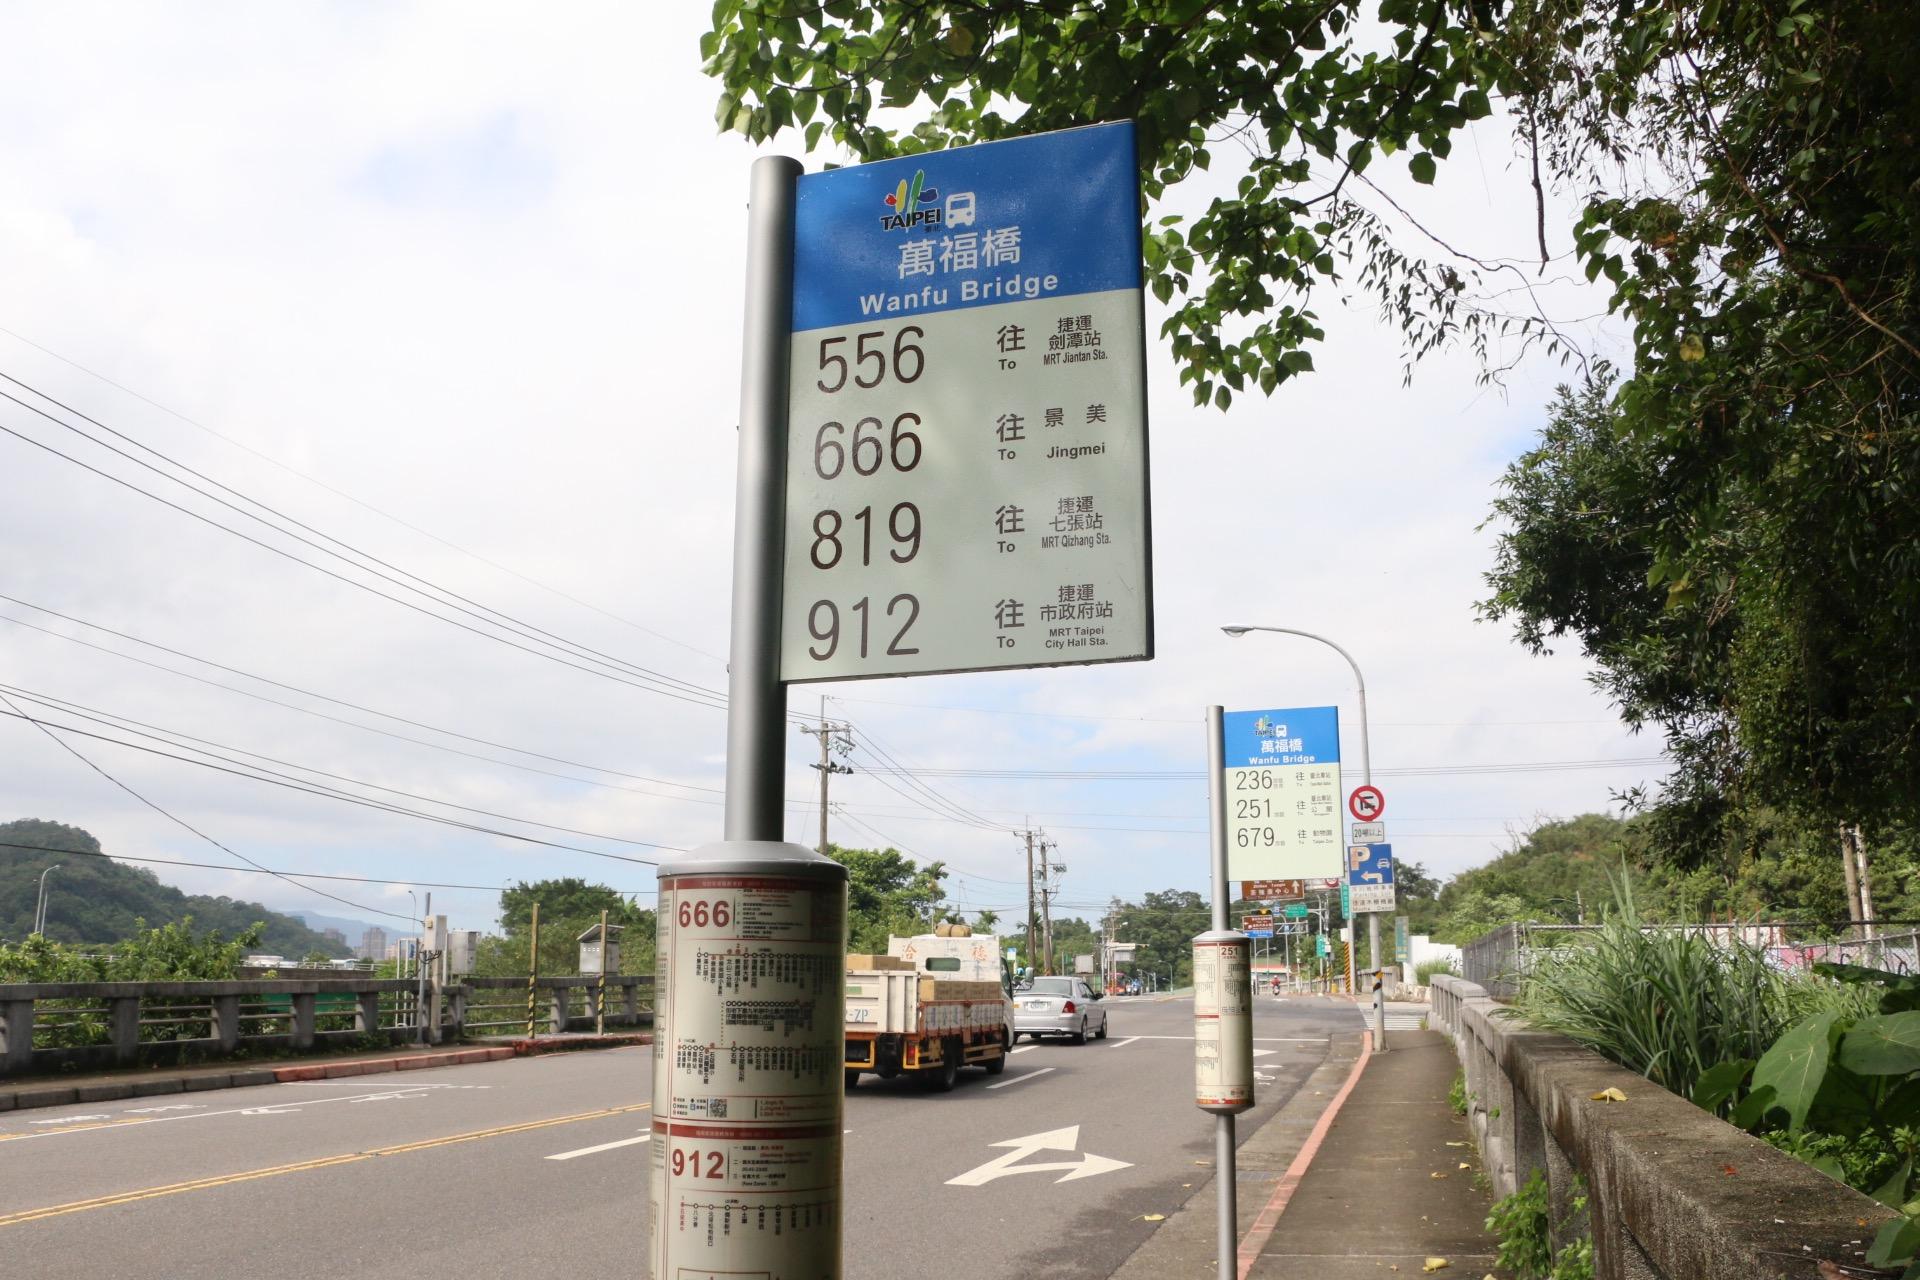 此路段鄰近觀光勝地,公車來往頻繁。(攝影/李芮昕)